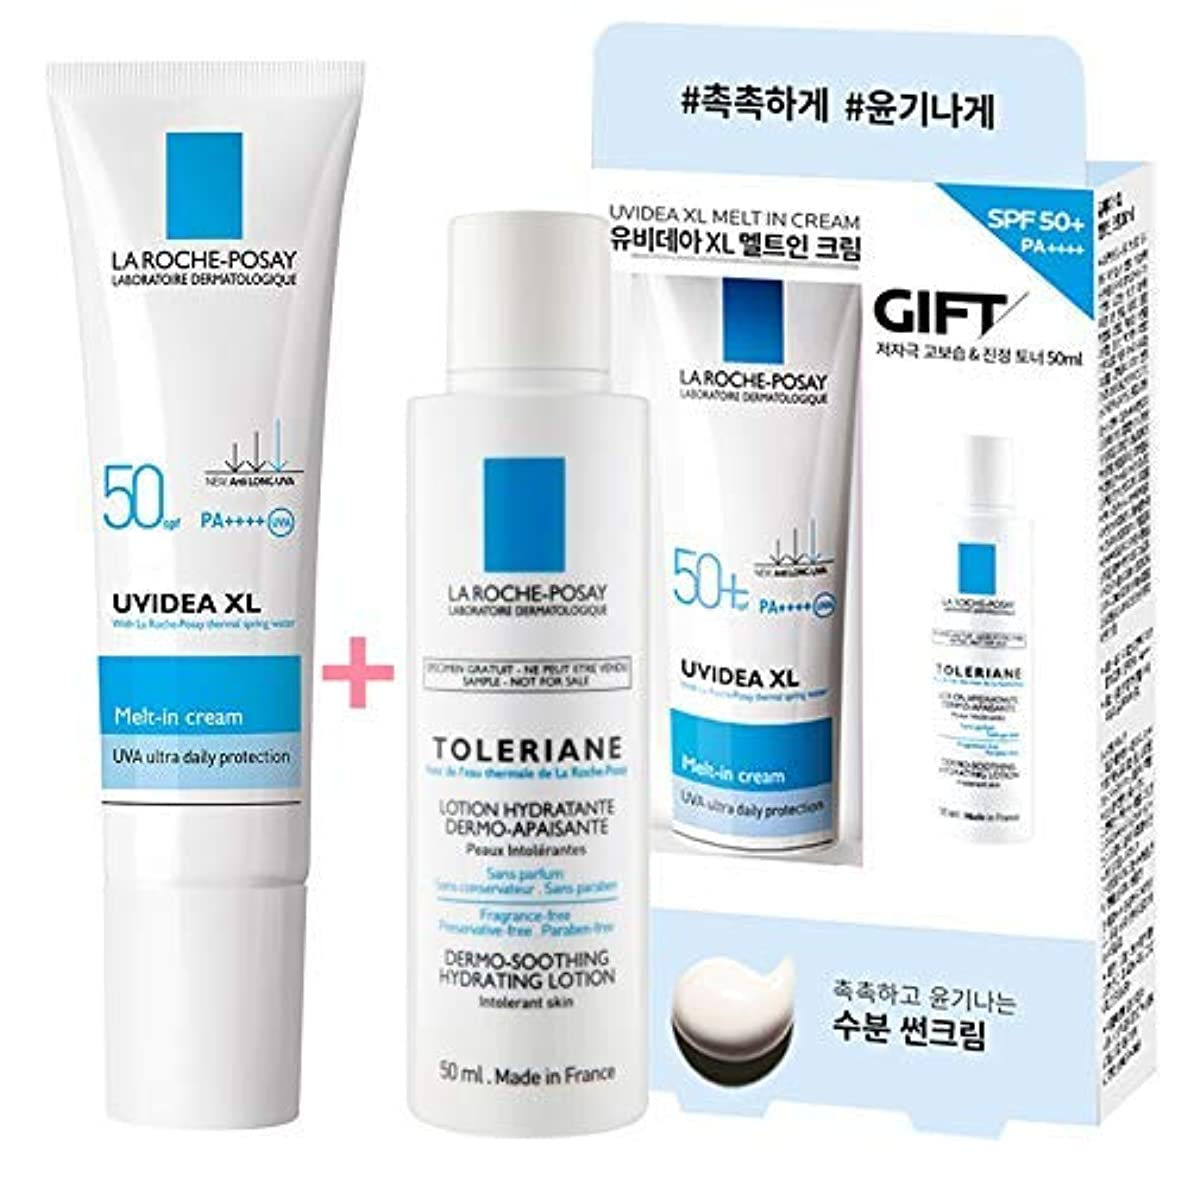 ソーシャル根絶するぜいたくLa Roche-Posay ラロッシュポゼ UVイデア XL Melt-In クリーム Uvidea XL Melt-In Cream - Natural (30ml) SPF50+ PA++++ (ギフト: LOTION...